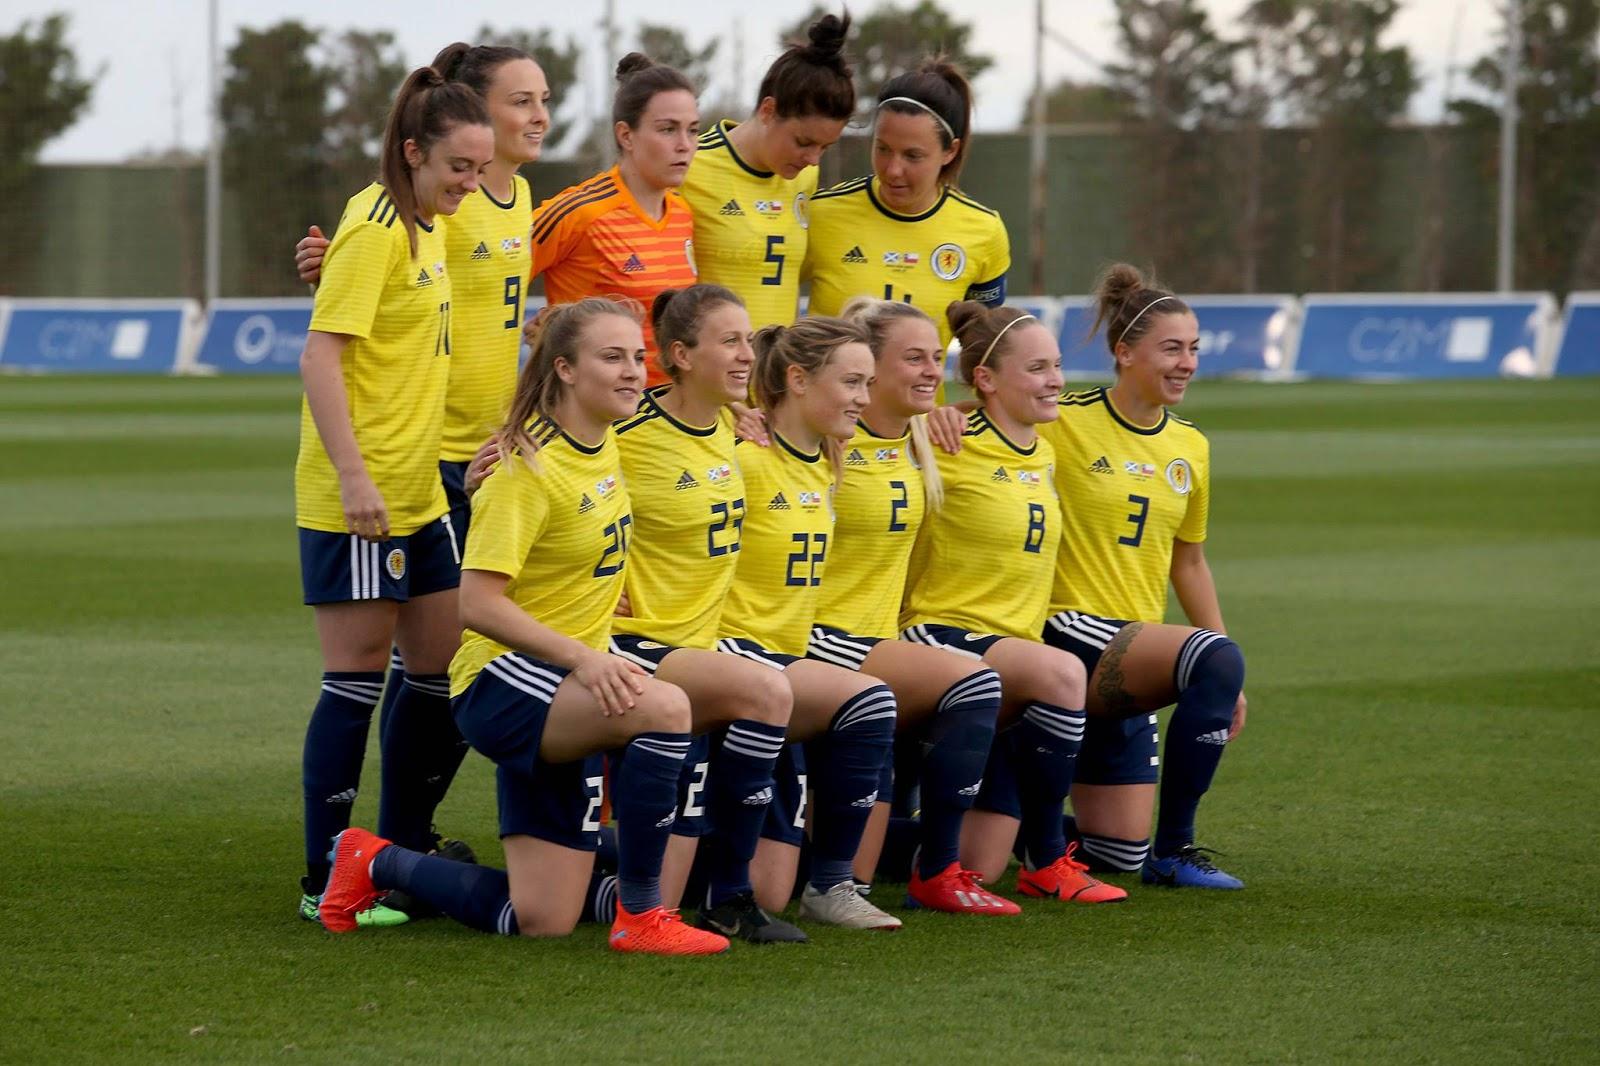 Formación de selección femenina de Escocia ante Chile, amistoso disputado el 5 de abril de 2019